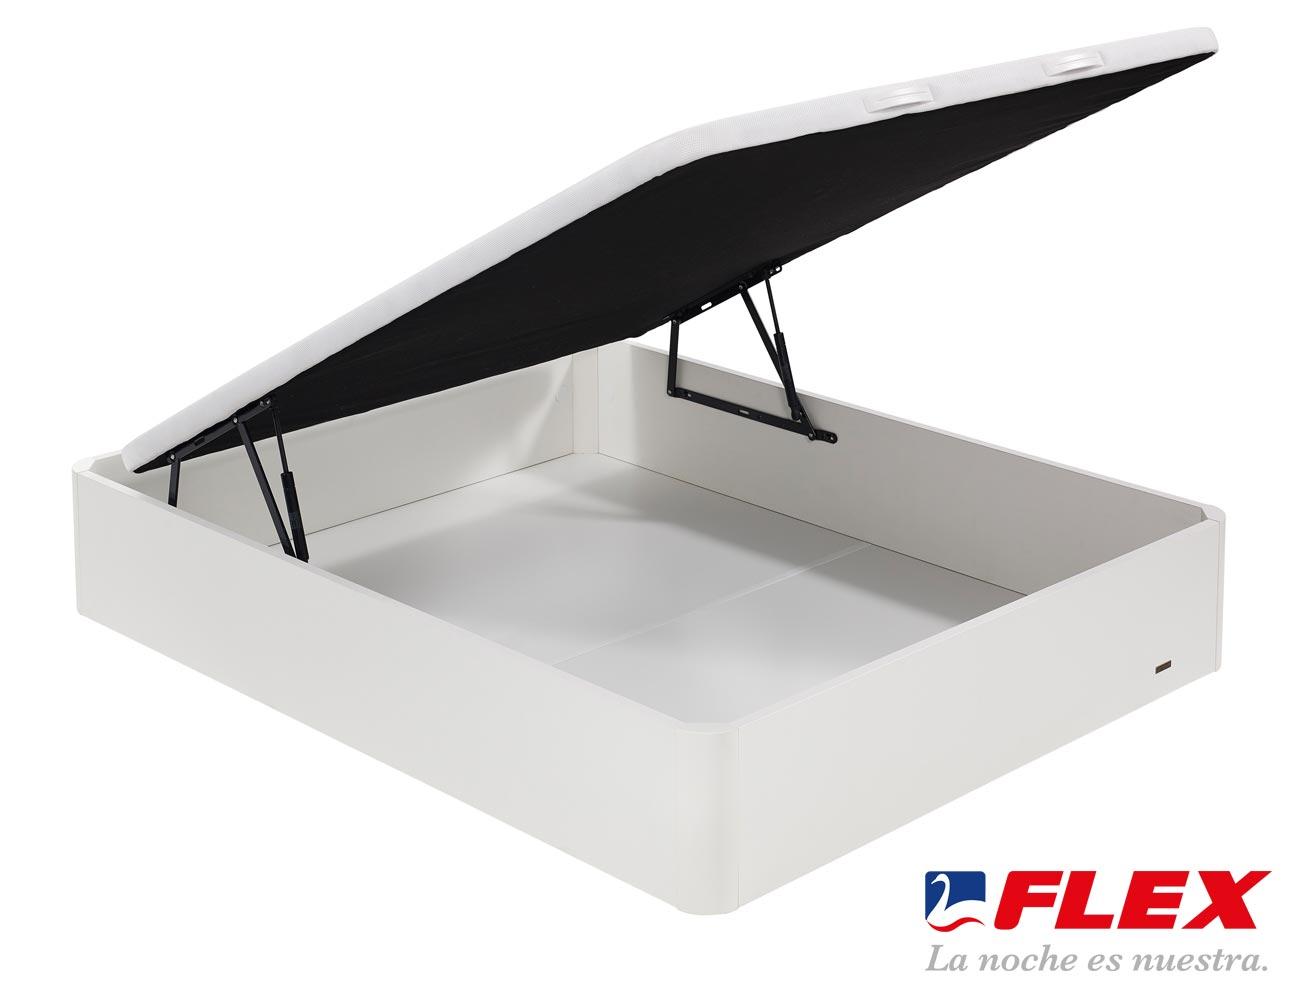 Canape flex madera abatible tapa3d blanco1